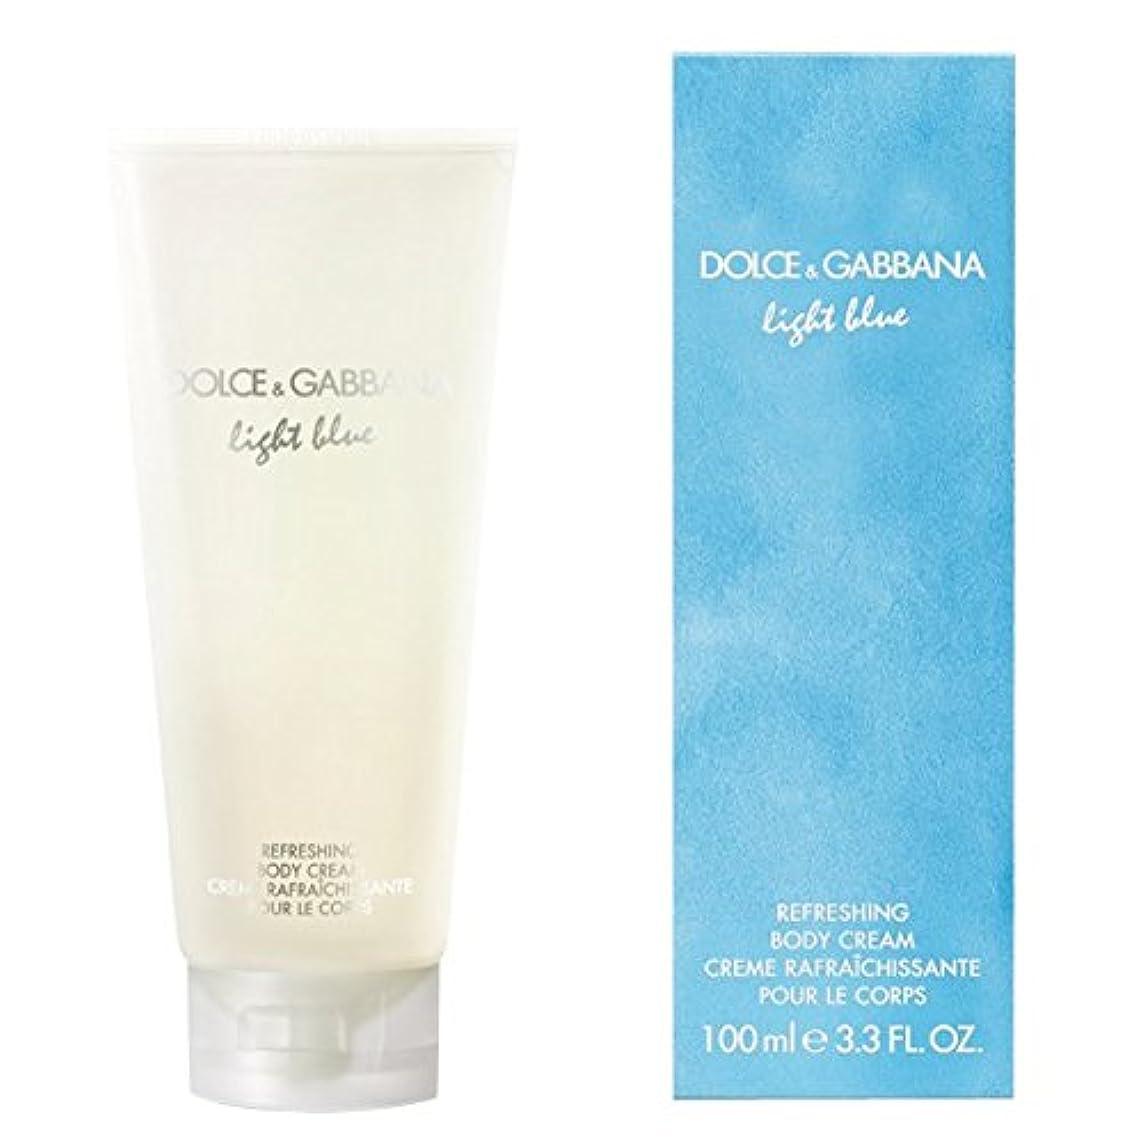 子猫おなかがすいた混乱したドルチェ&ガッバーナライトブルーの爽やかなボディクリーム200ミリリットル (Dolce & Gabbana) (x6) - Dolce & Gabbana Light Blue Refreshing Body Cream 200ml (Pack of 6) [並行輸入品]